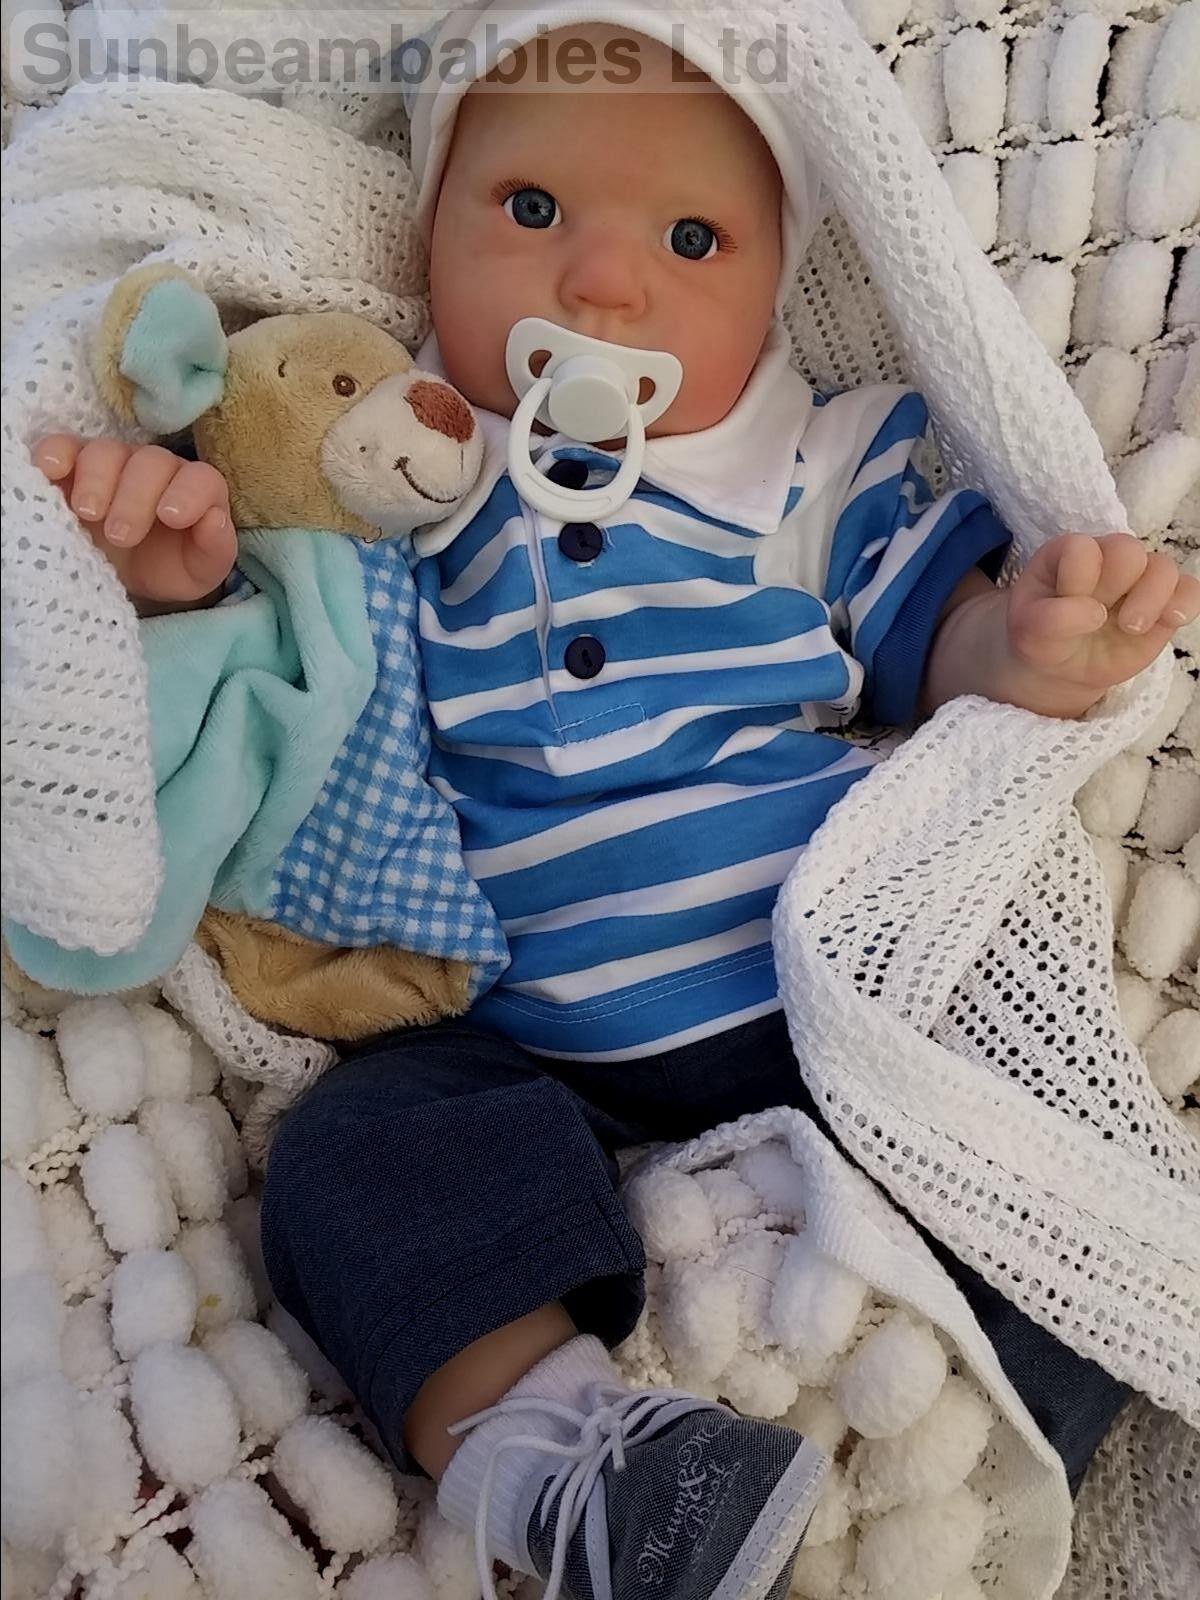 Bambole realistici neonato realistico sunbeambabies Donna archeologico  7LBS Reborn Bambino  qualità autentica